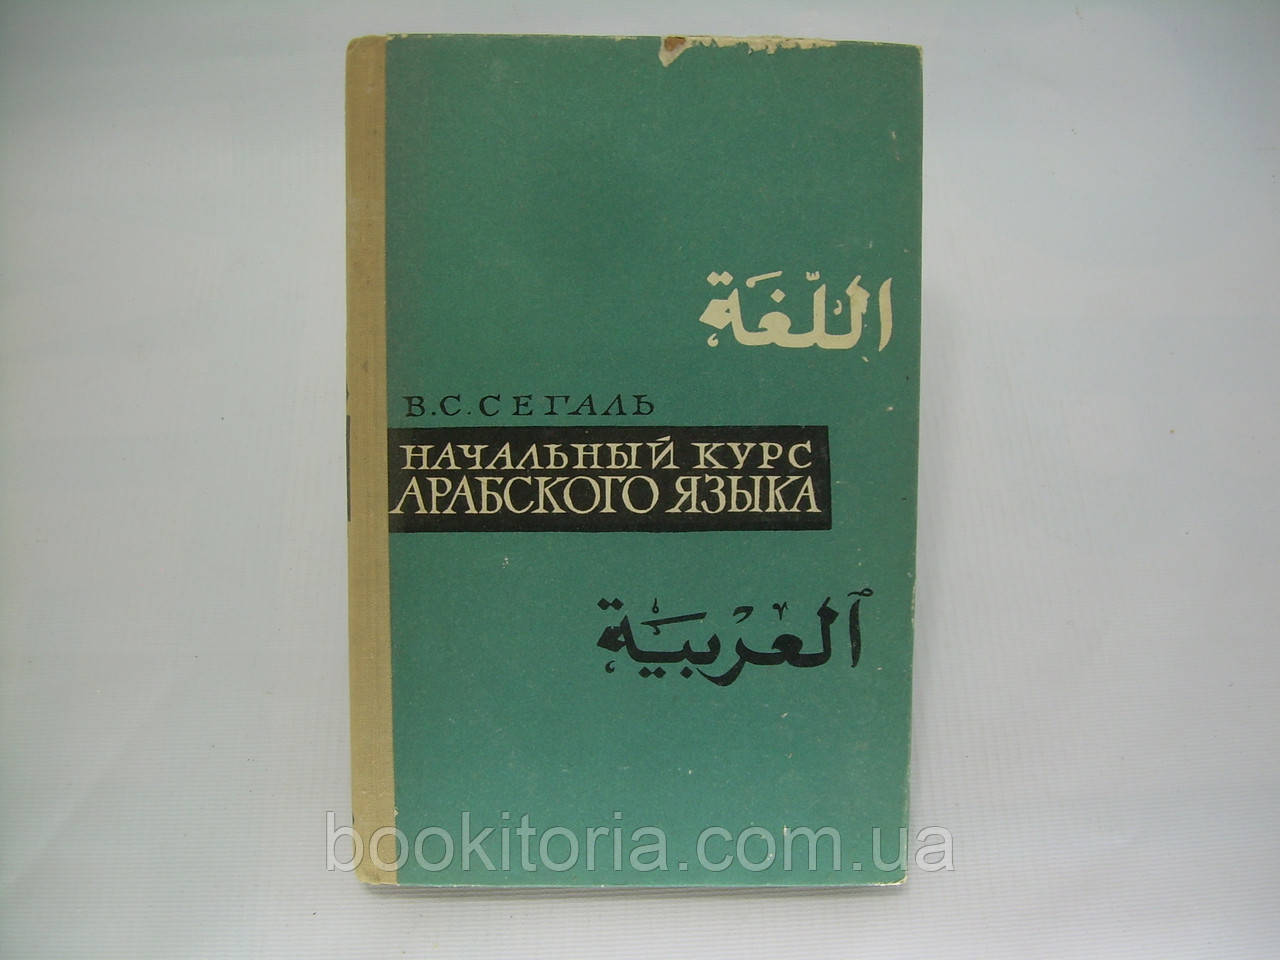 Сегаль В.С. Начальный курс арабского языка (б/у).